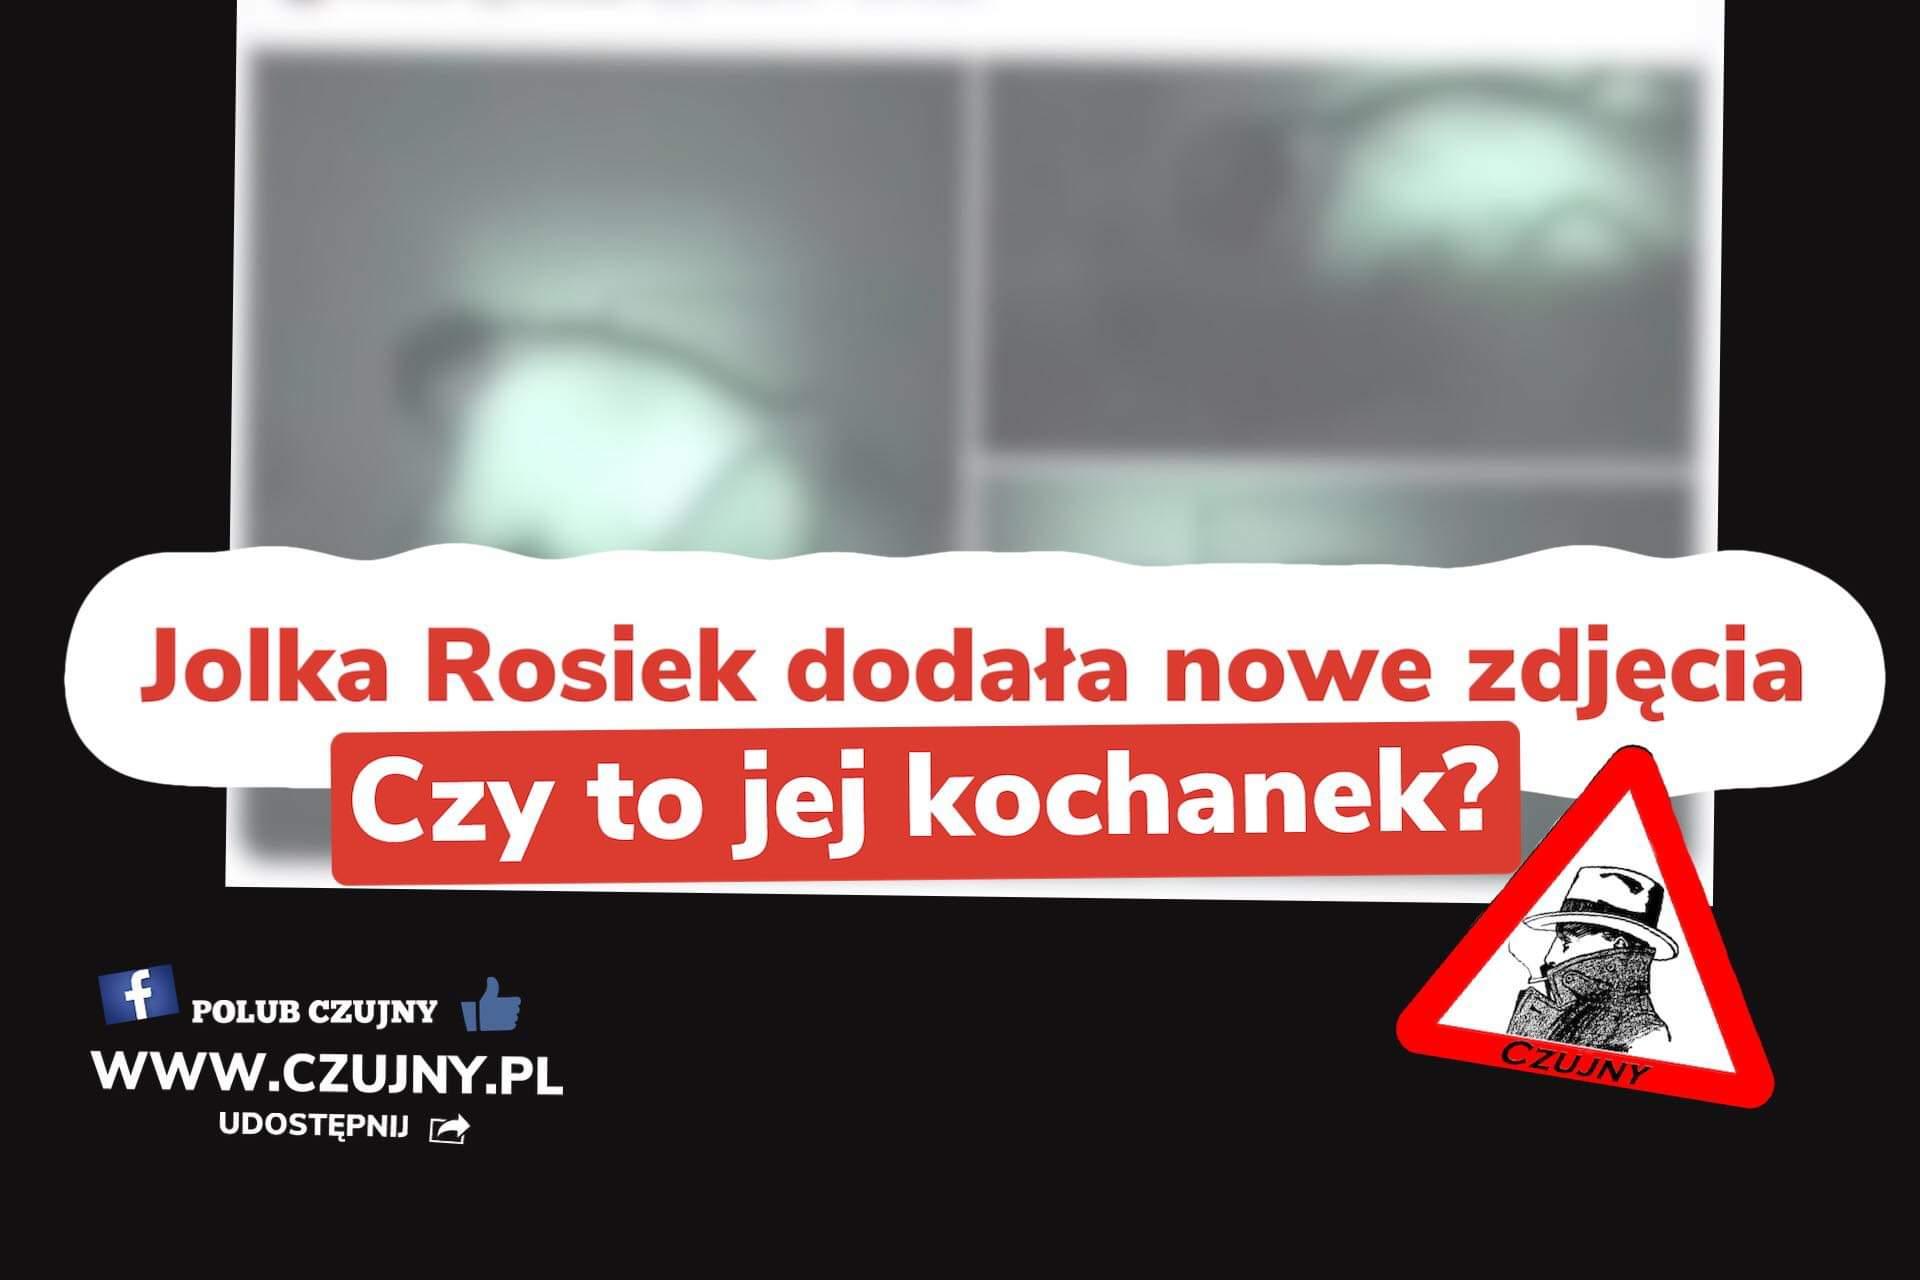 Nowe zdjęcia Jolki Rosiek! Czy to jej kochanek?